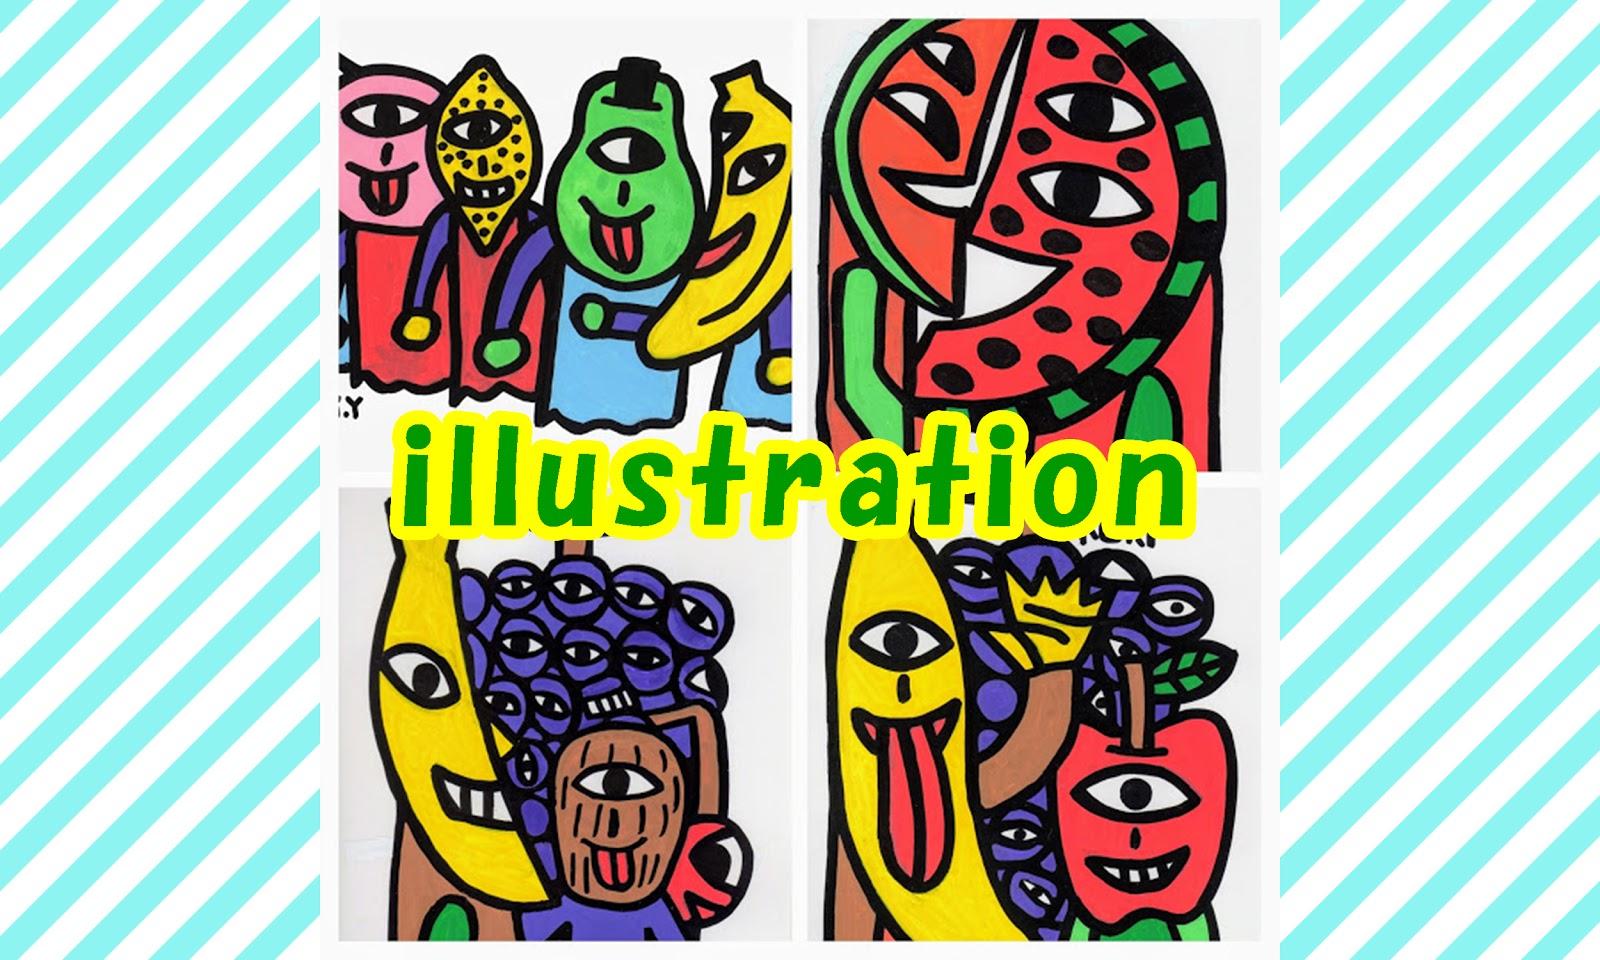 吉田圭佑アート事務所 イラスト画・アクリル画・水彩画などの絵画を描く福岡出身のアーティスト